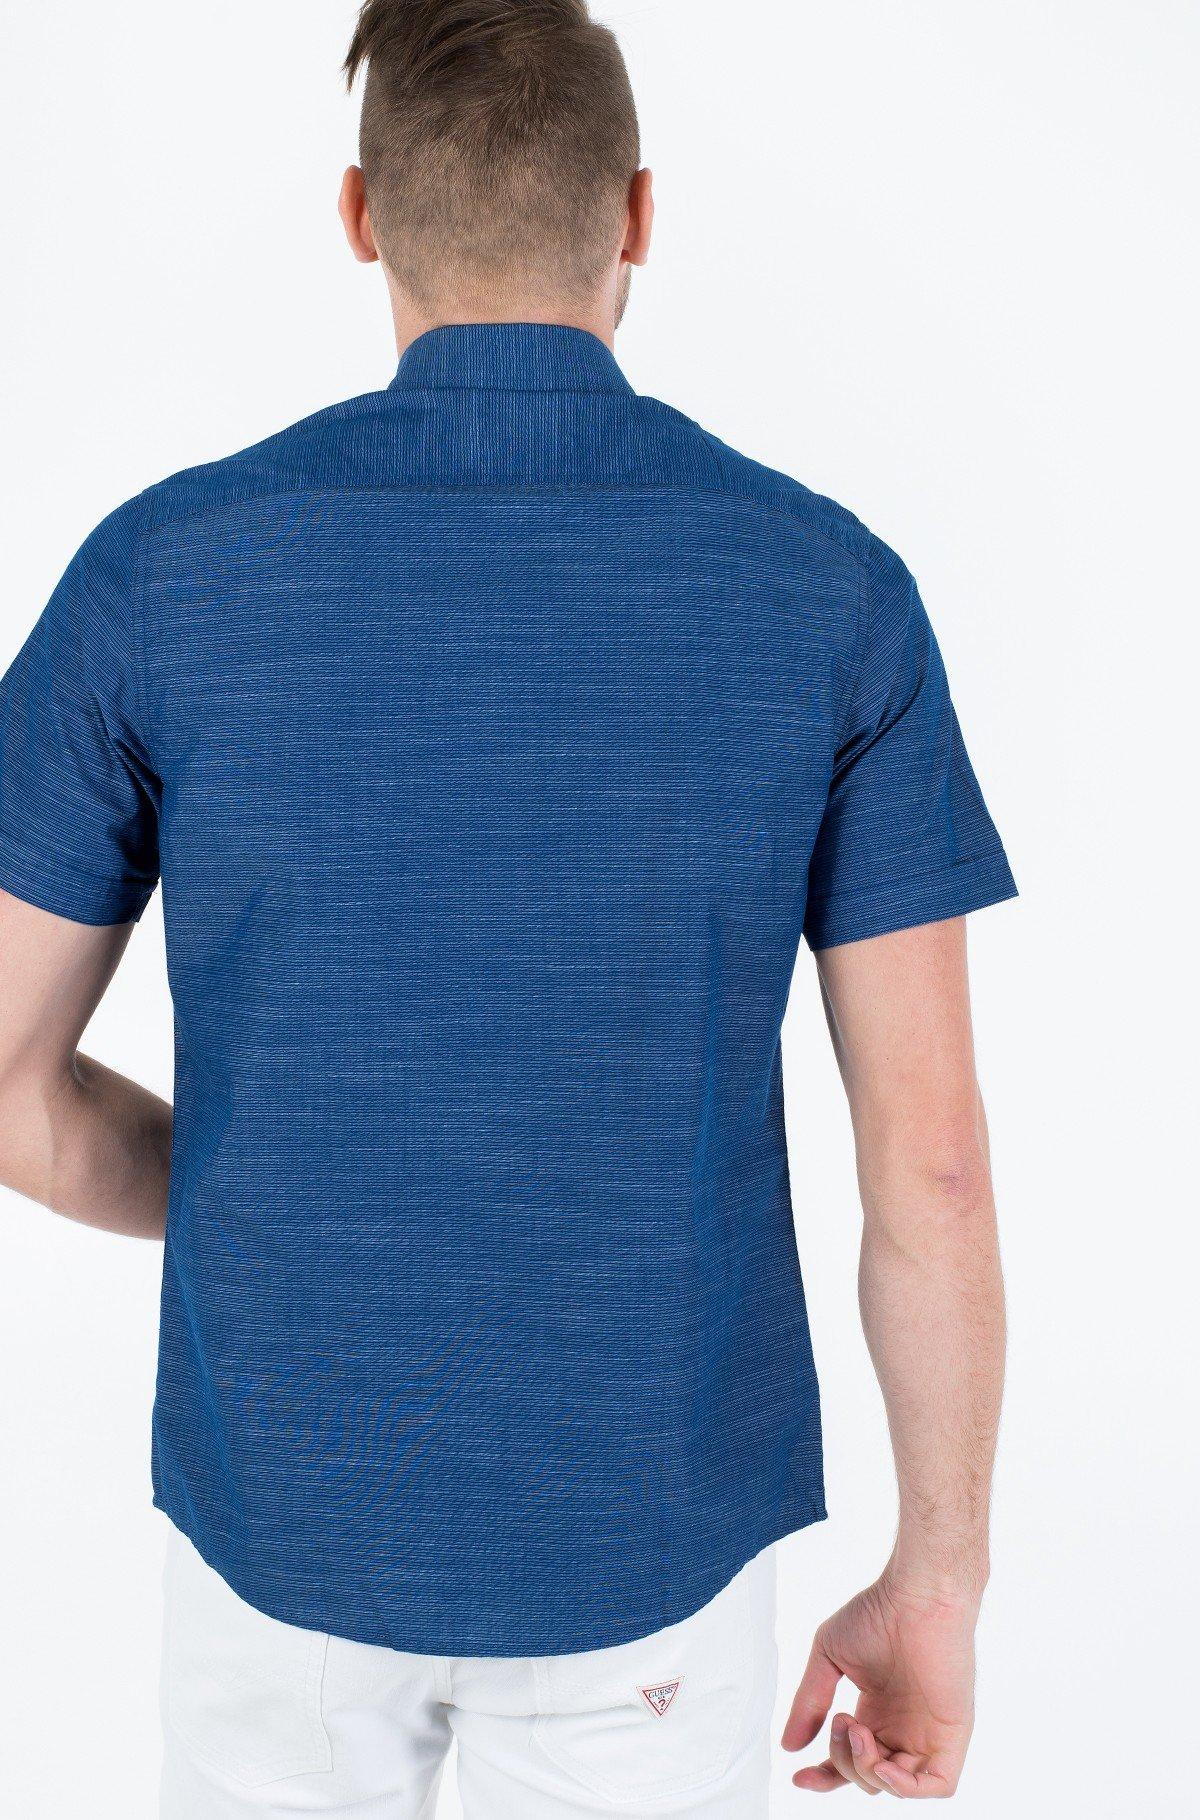 Marškiniai su trumpomis rankovėmis WASHED DOBBY STRIPE SS SHIRT-full-2